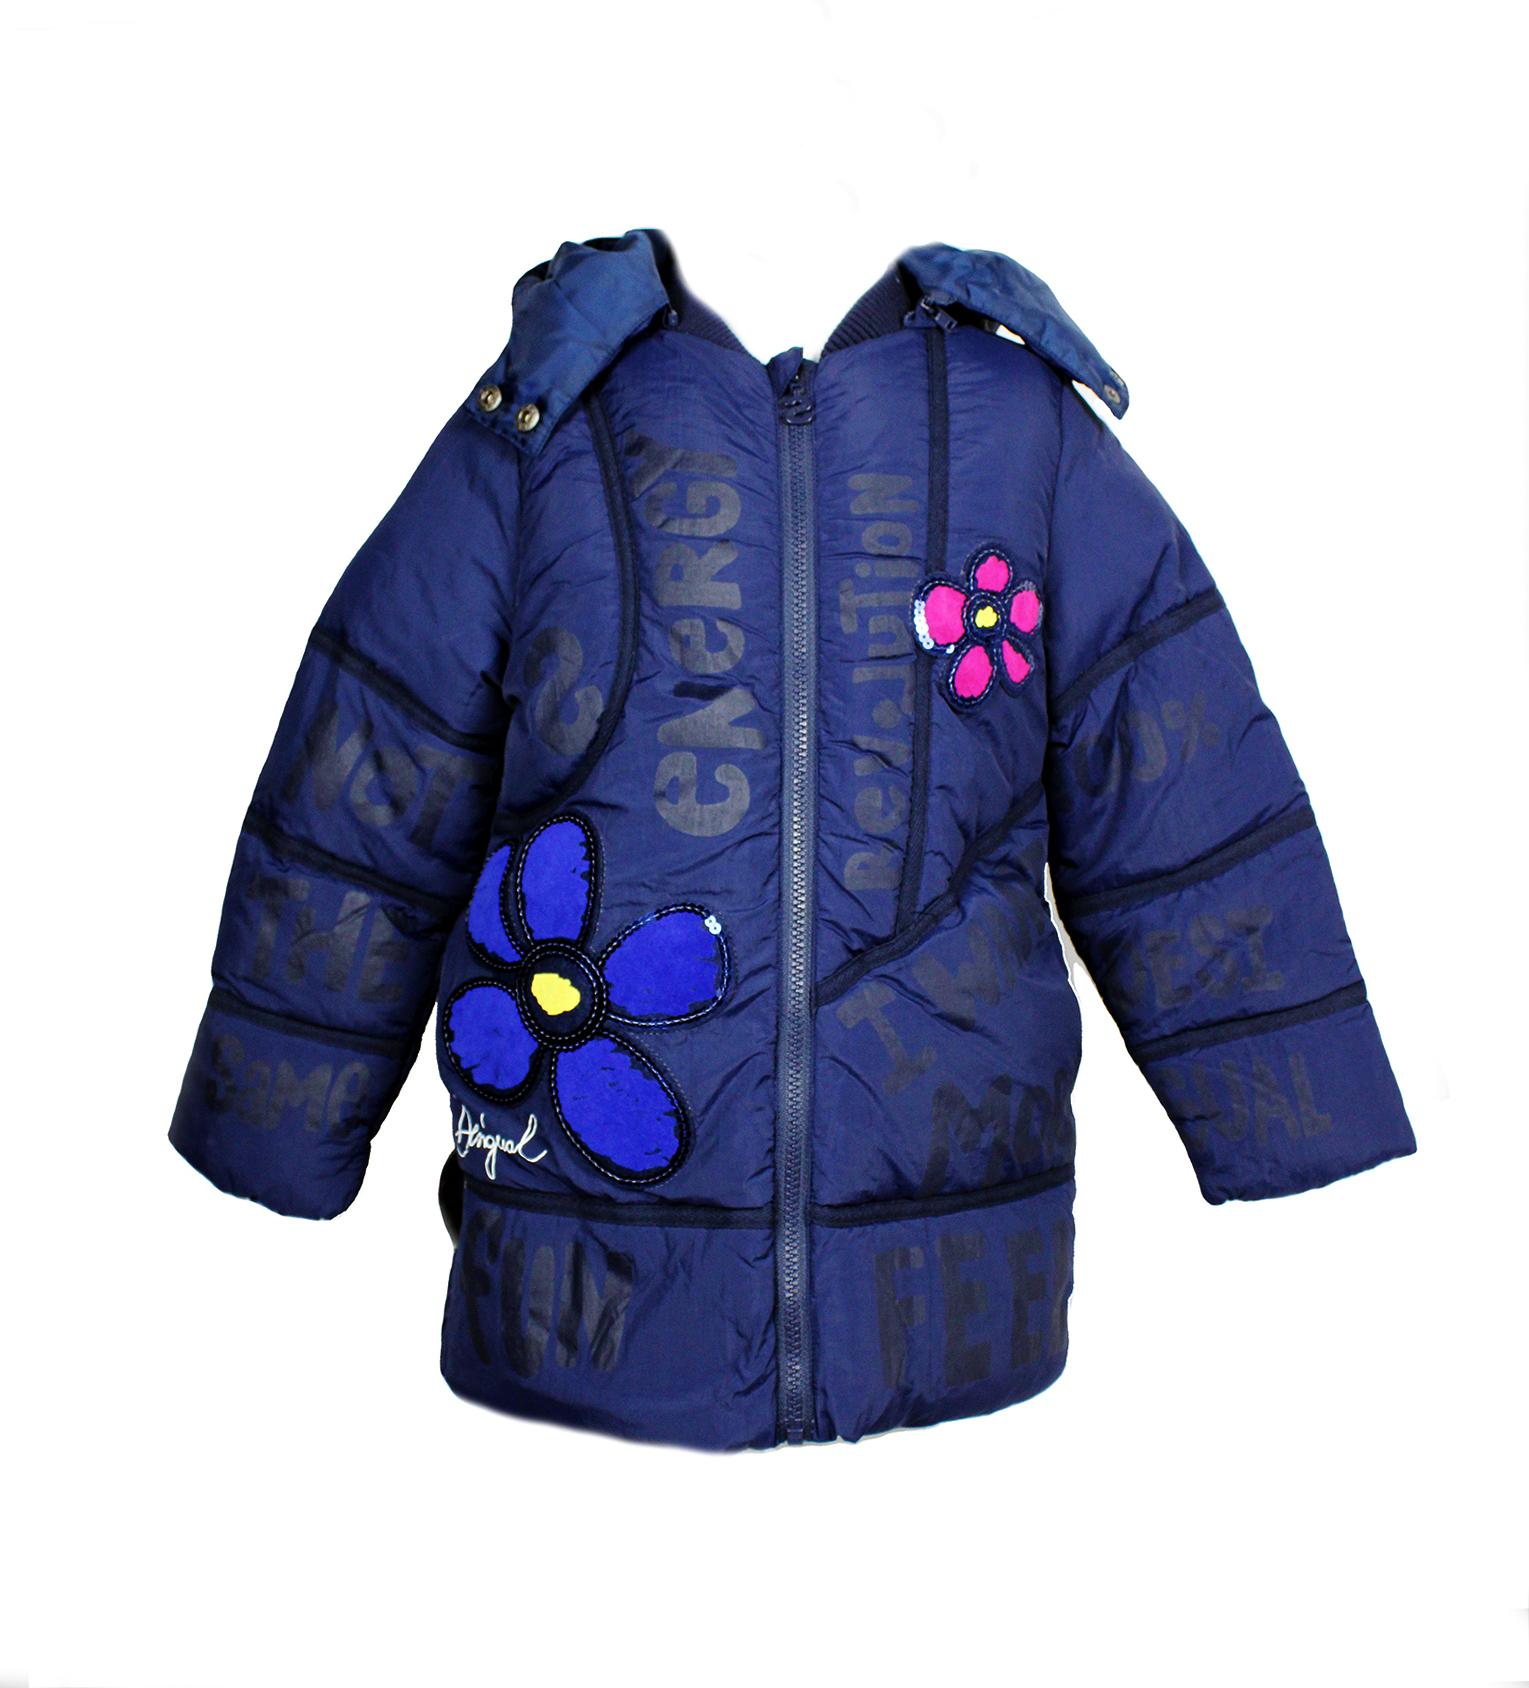 Abrigo niña con detalles florales 20.11.20 - 28.11.20